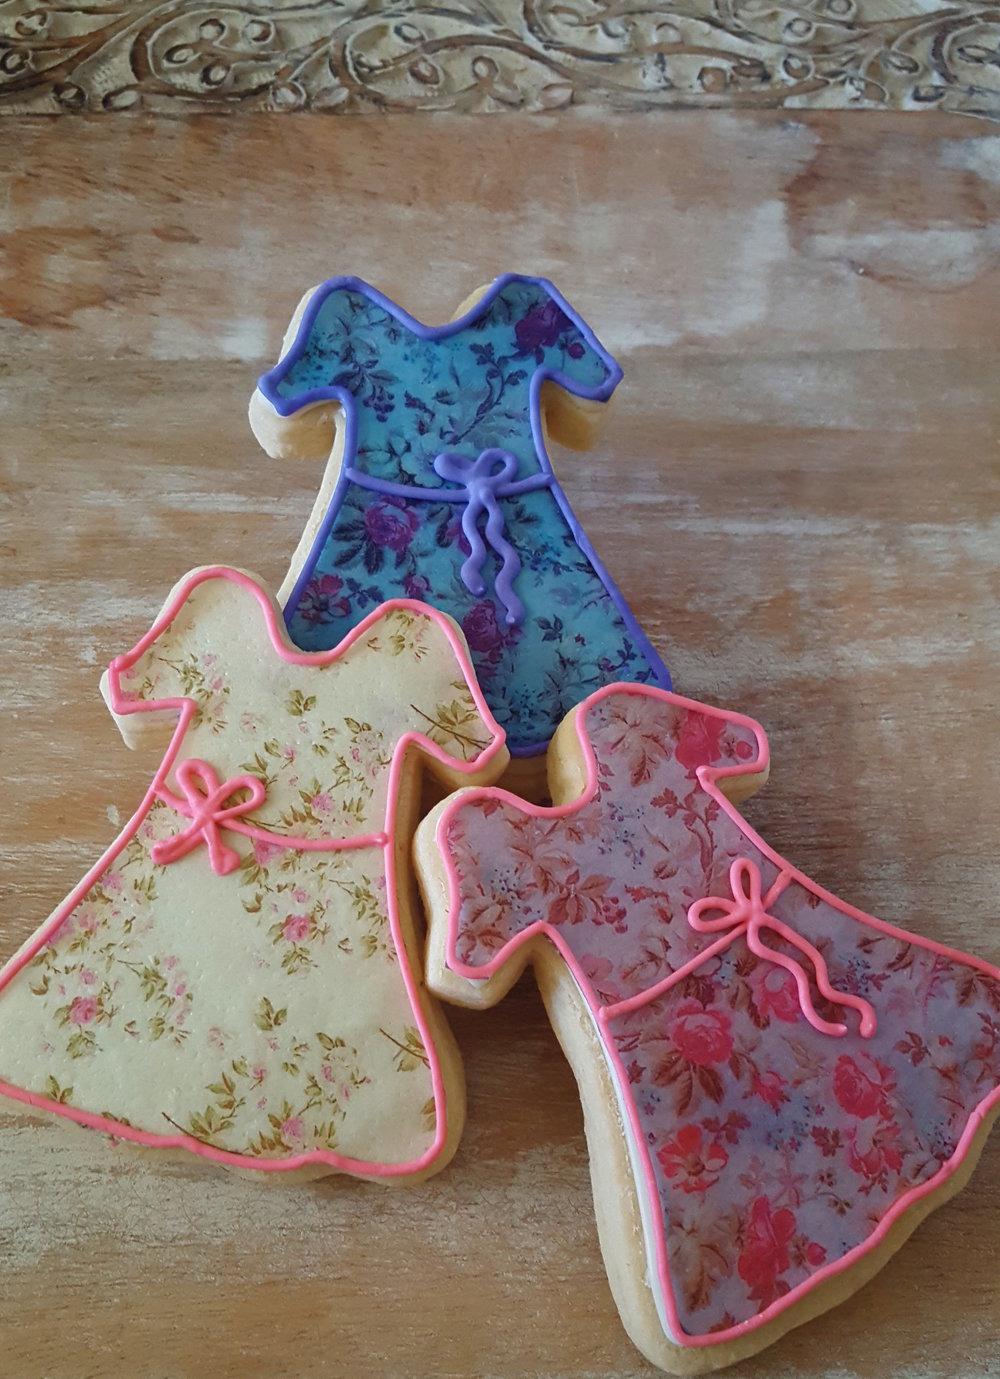 calico dress cookies.jpg